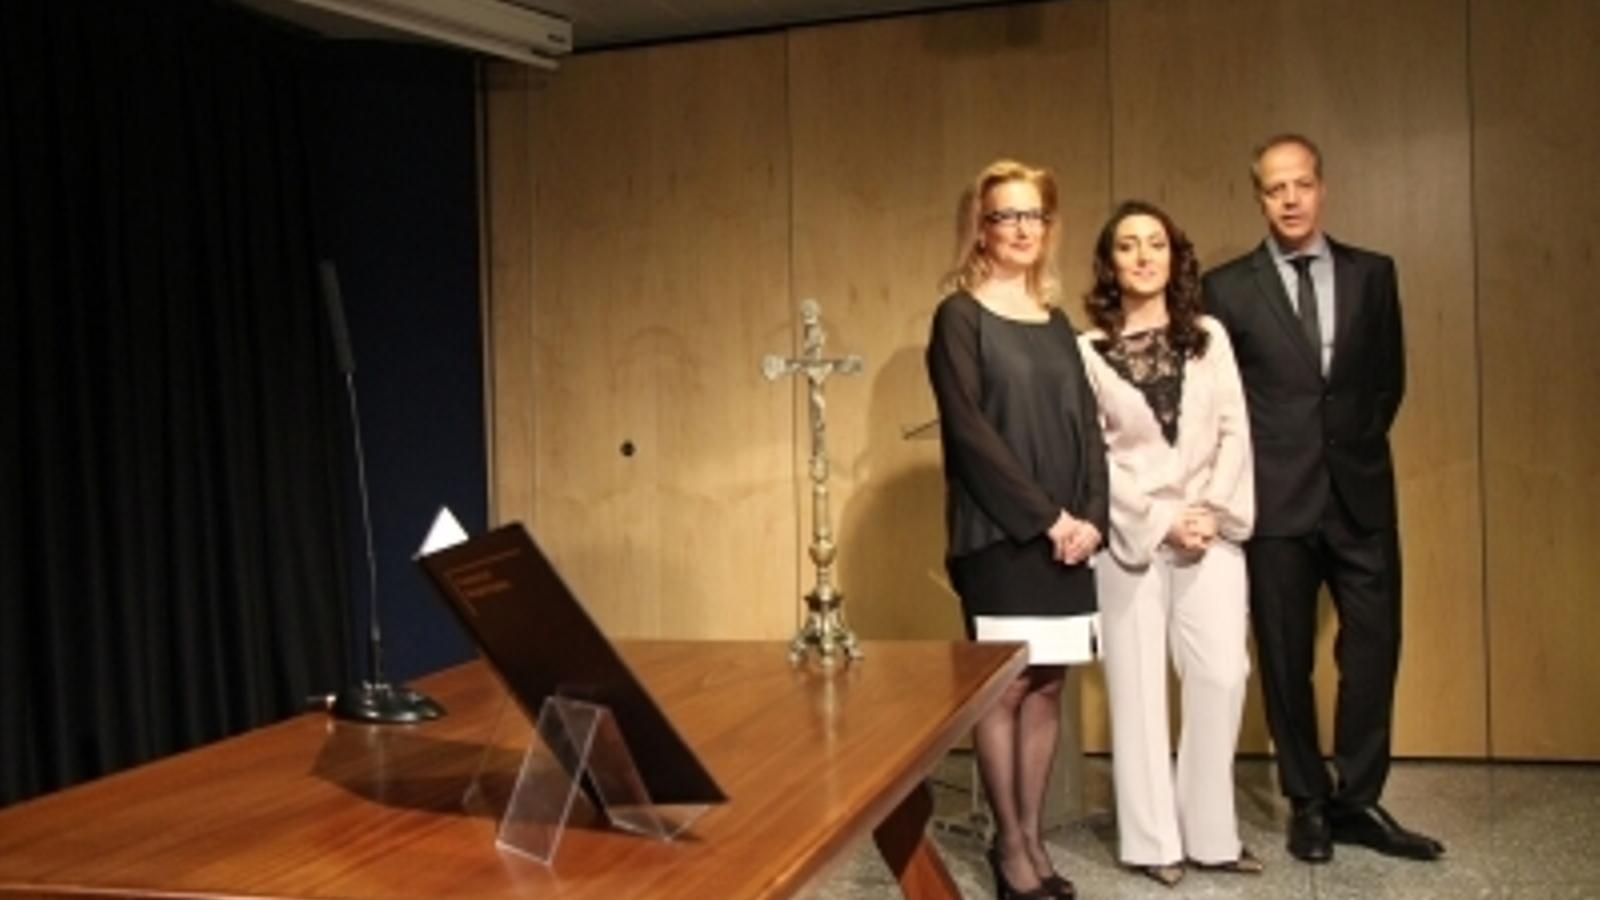 Xavier Granyó, Goretti López i Lourdes Alonso, el dia de la presa de possessió del càrrec de saig. / ARXIU